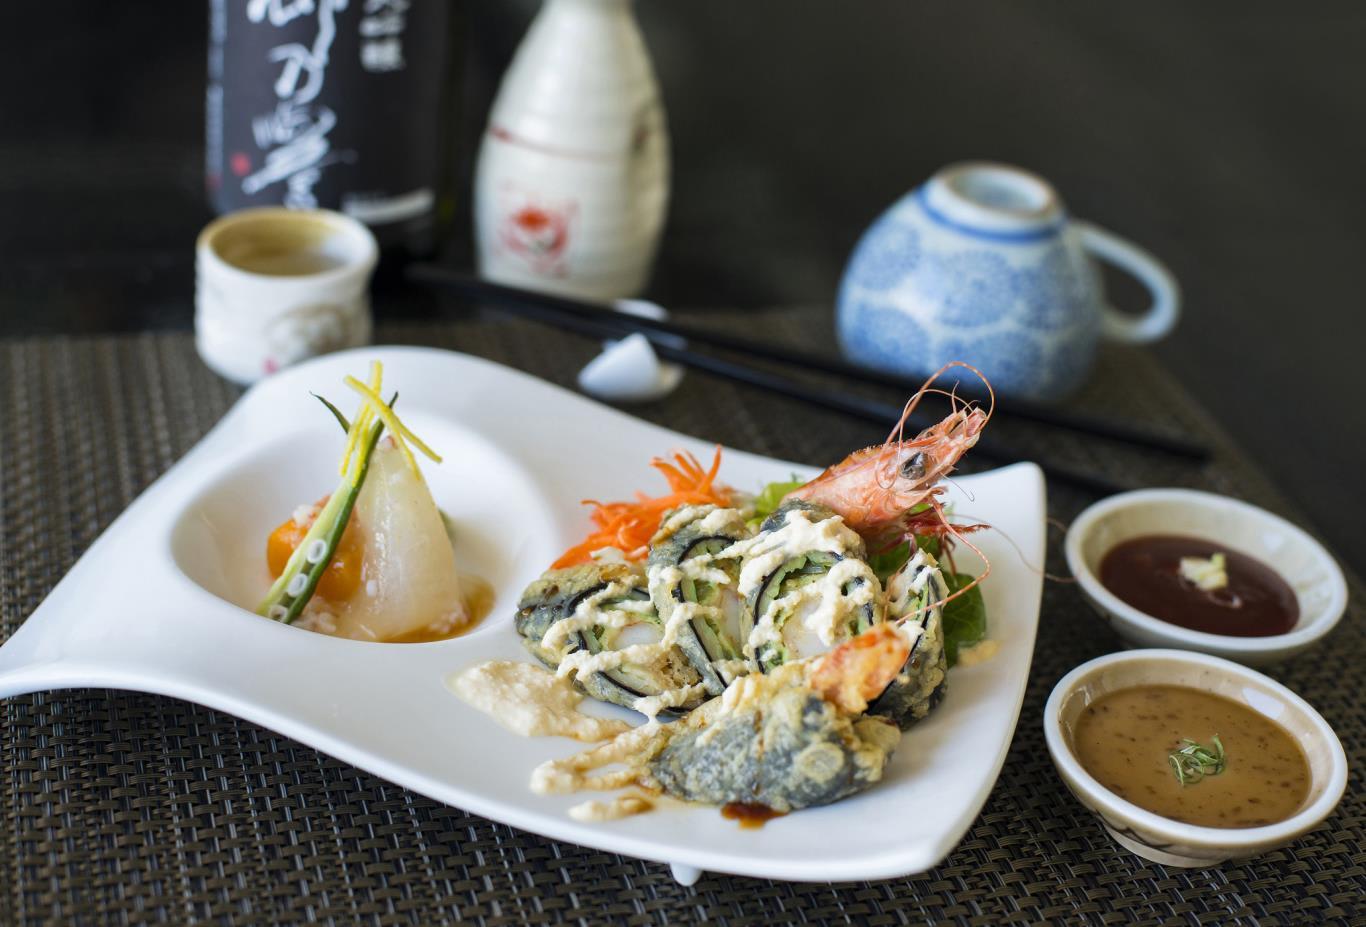 Omakase Restaurant